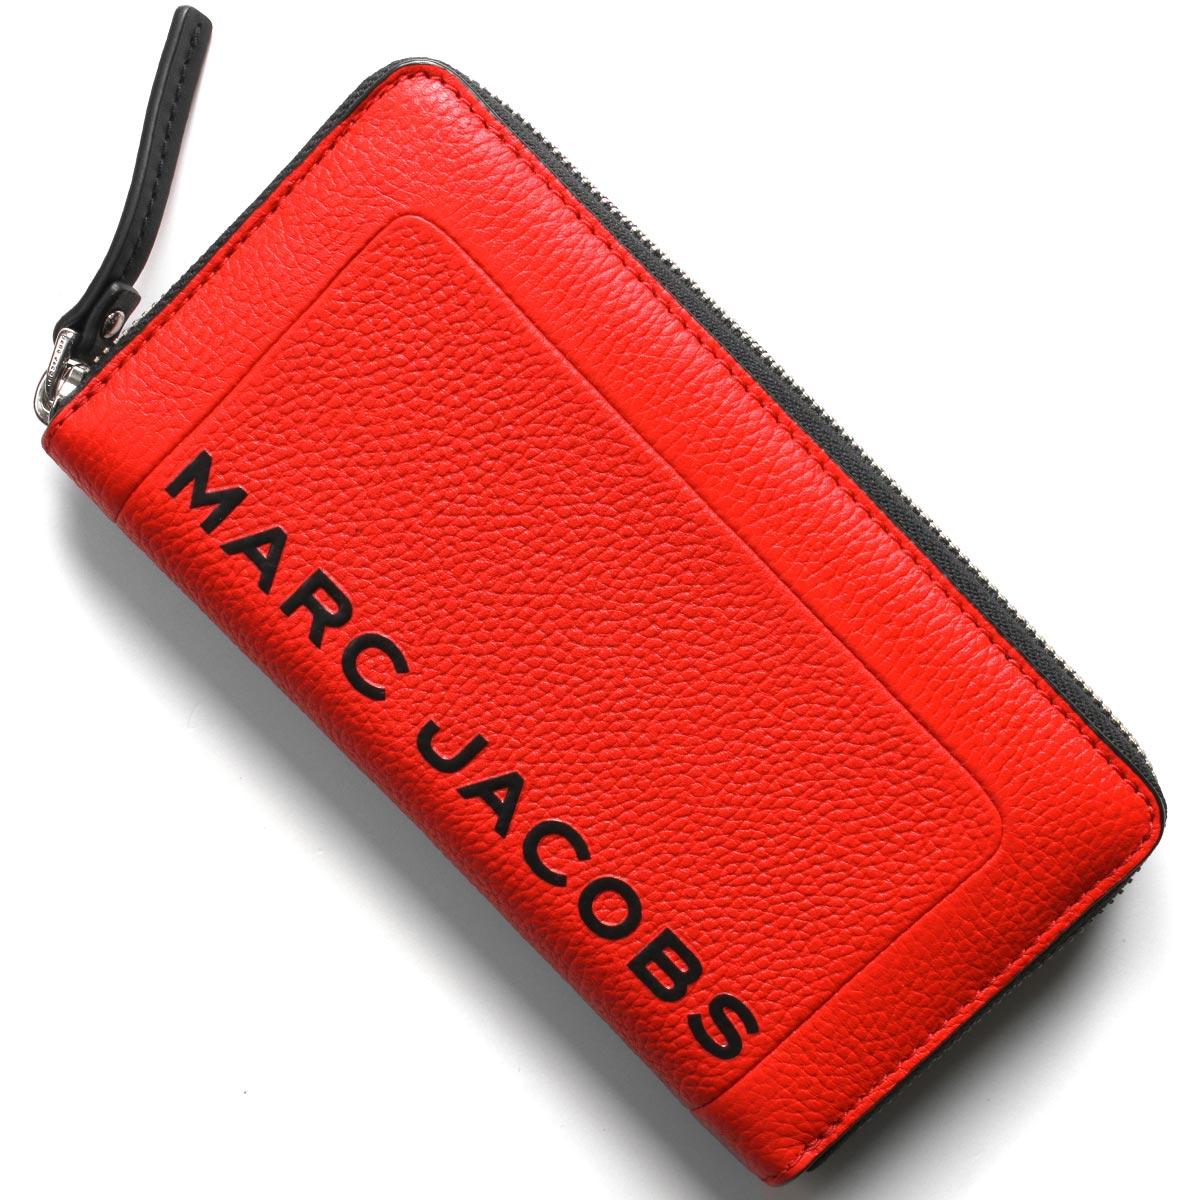 マークジェイコブス 長財布 財布 レディース ザ テクスチャード ボックス ゲラニウムレッド M0015103 612 2019年春夏新作 MARC JACOBS